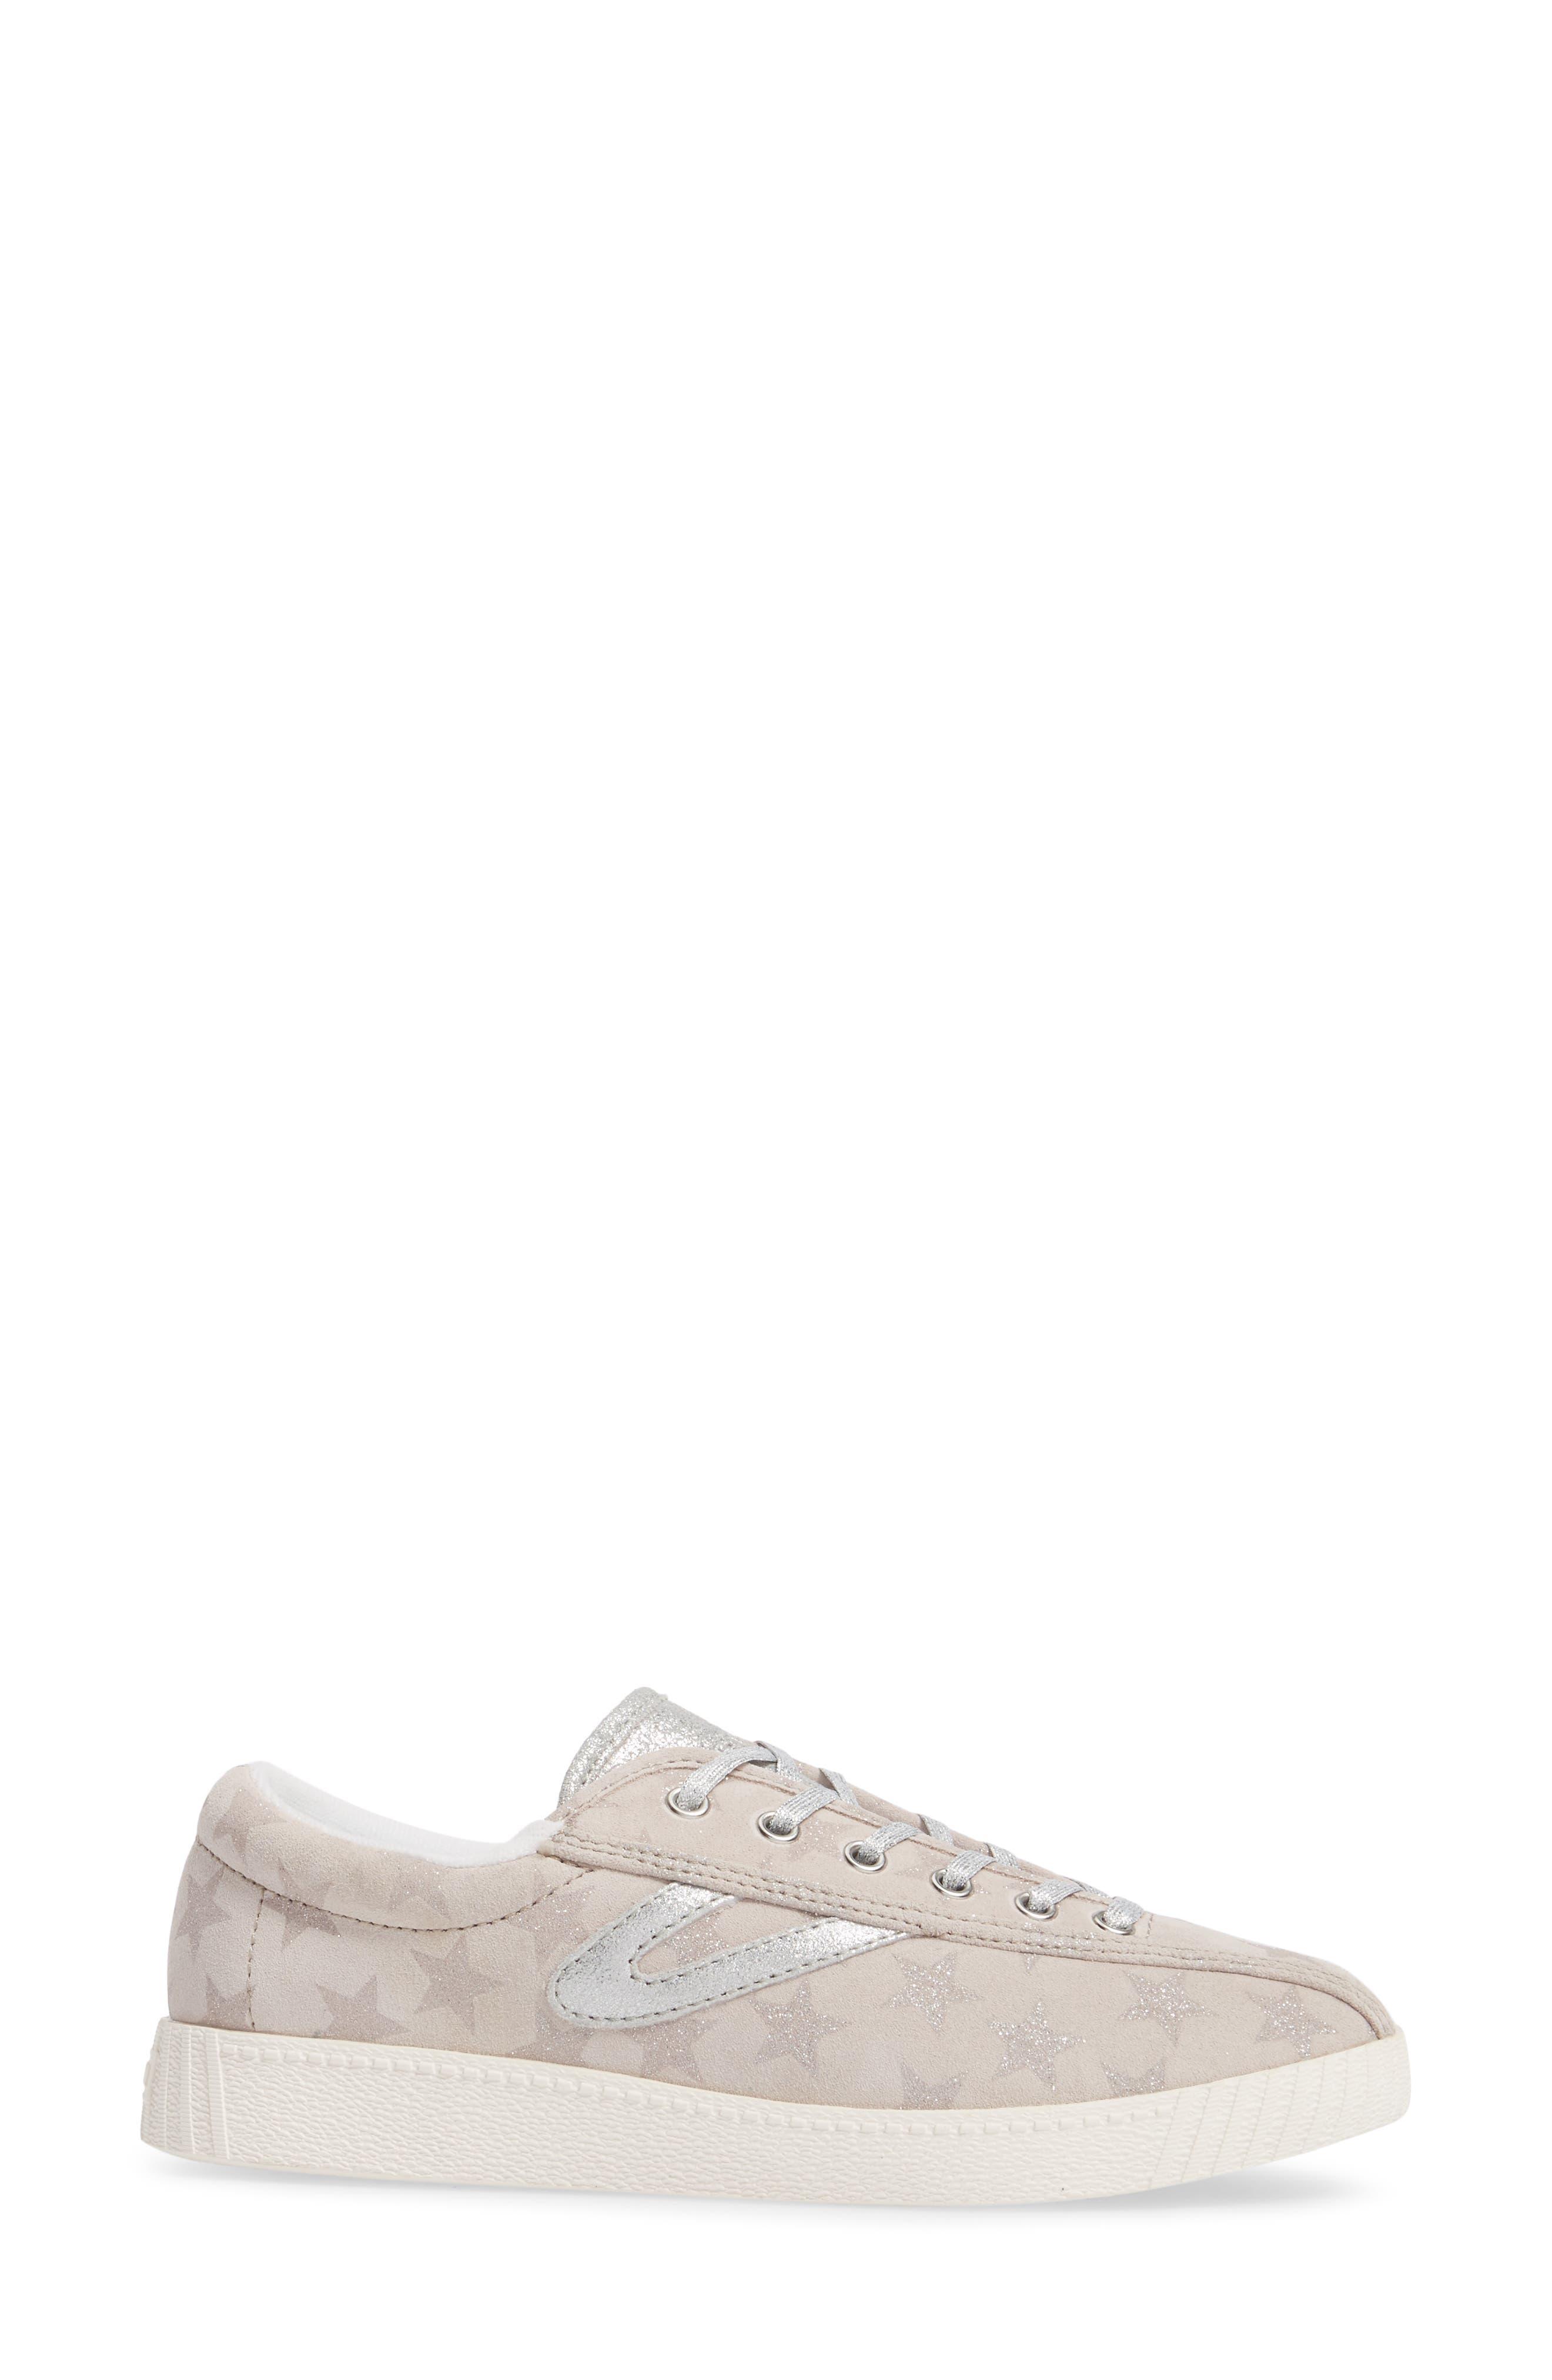 Alternate Image 3  - Tretorn Star Sneaker (Women)